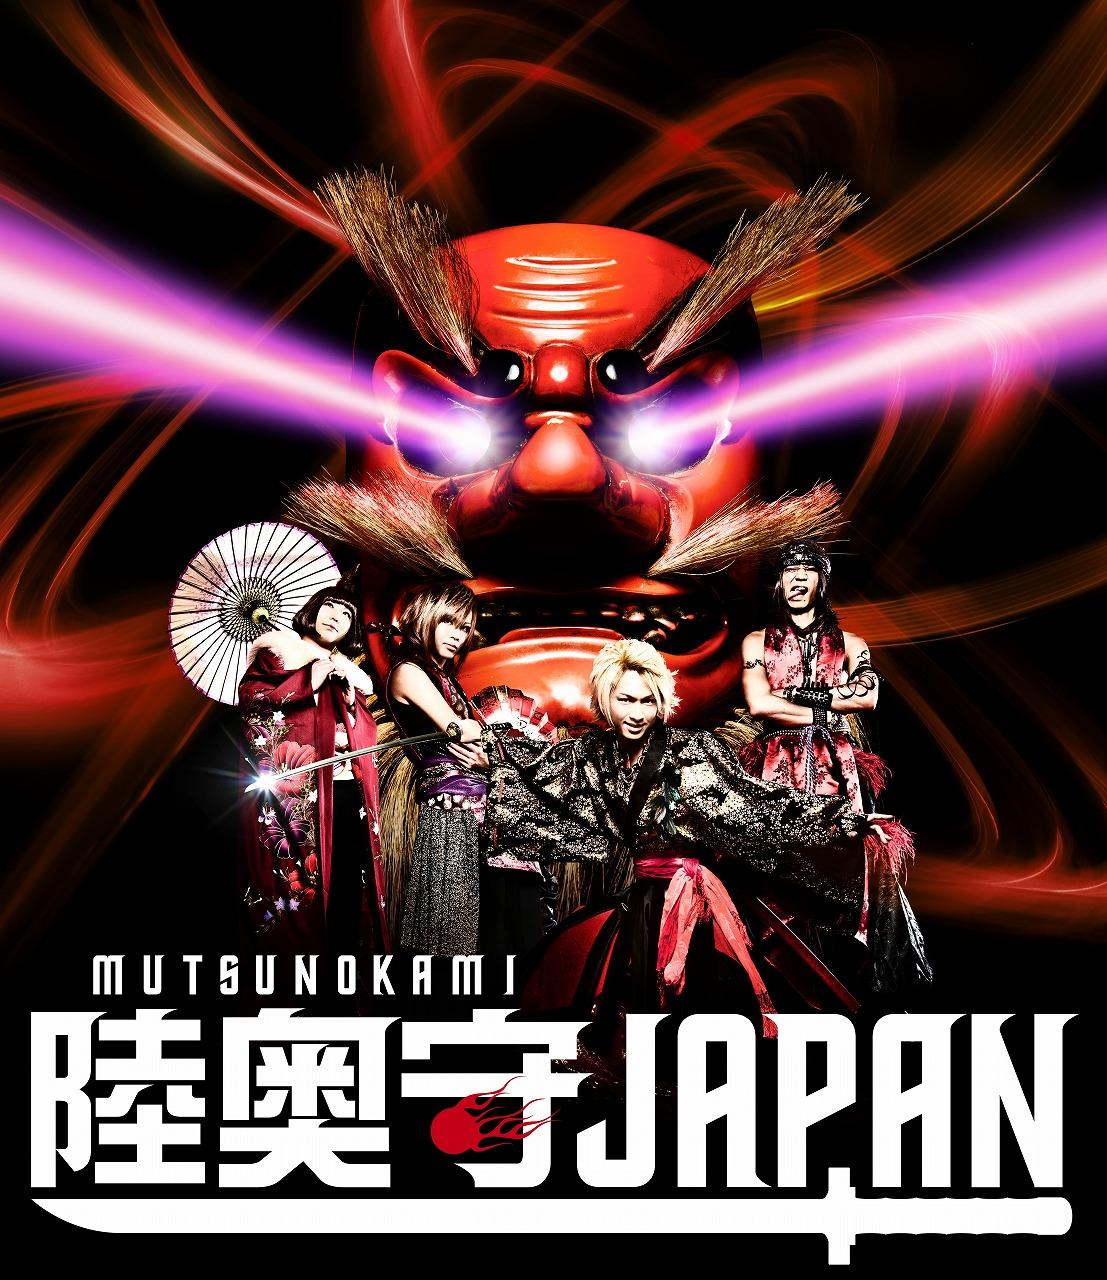 日本をビンビンに!! 謎の天狗バンド陸奥守JAPANデビュー決定サムネイル画像